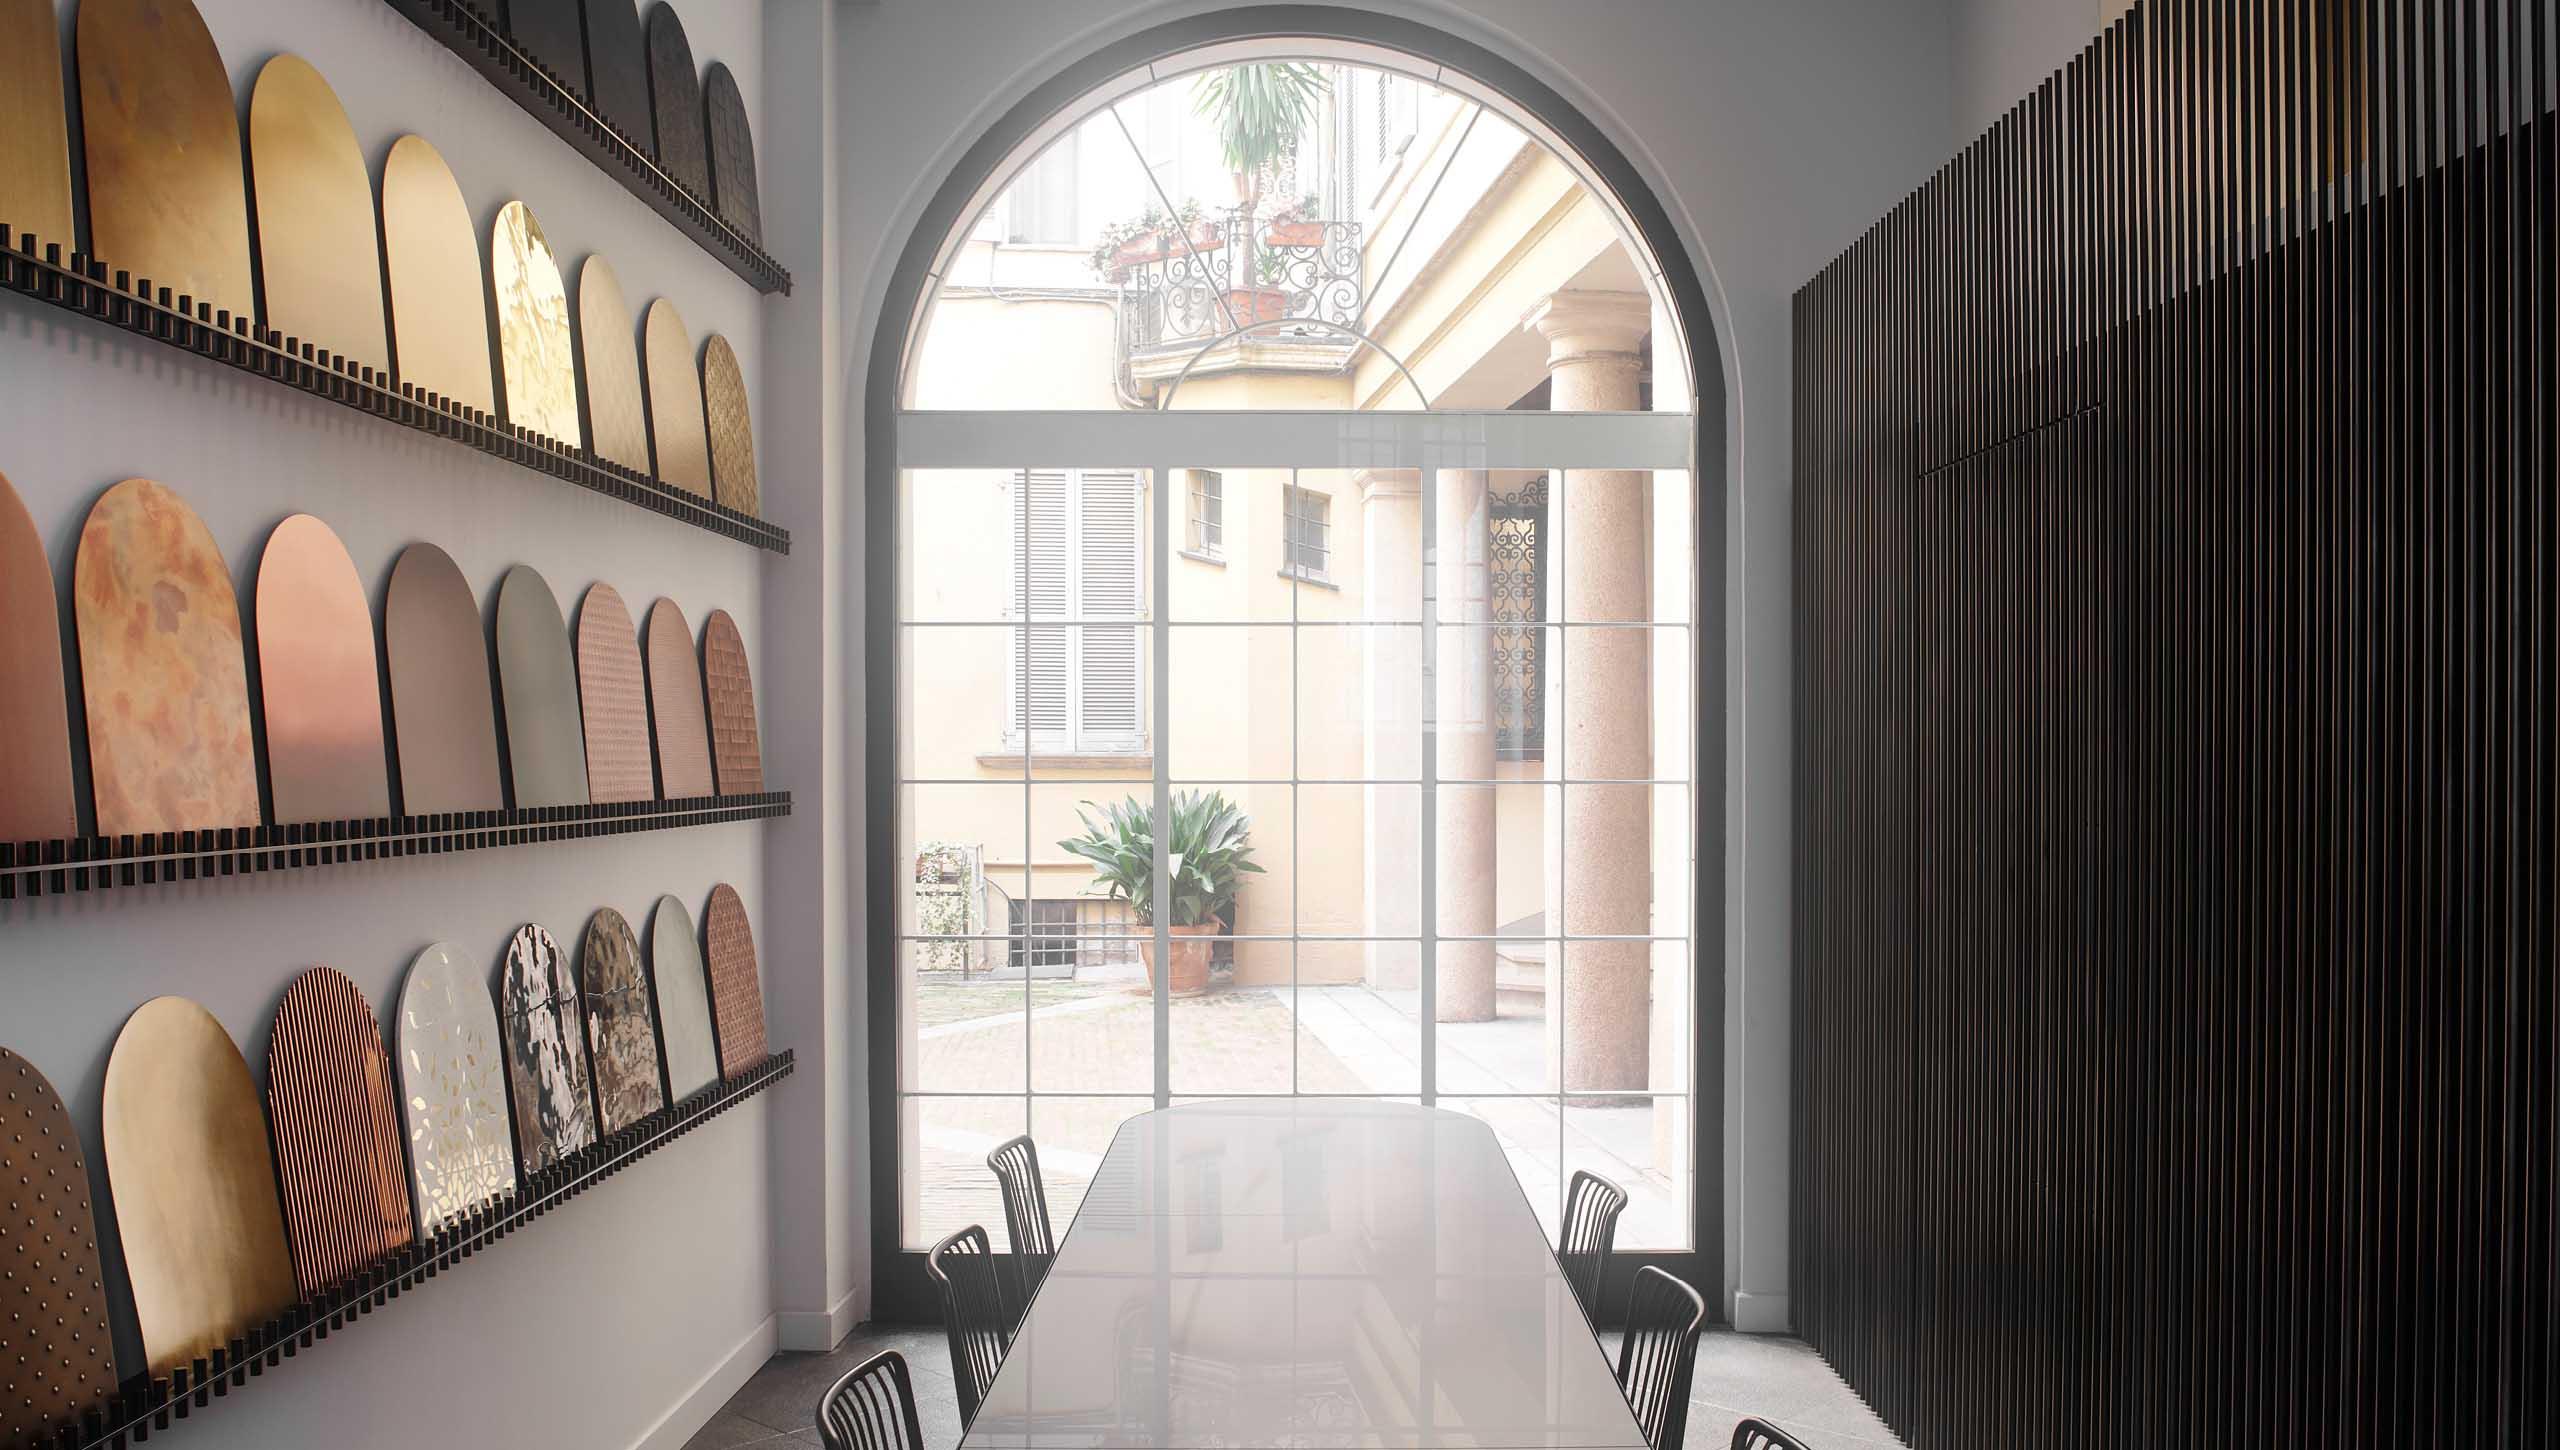 De Castelli - Showroom